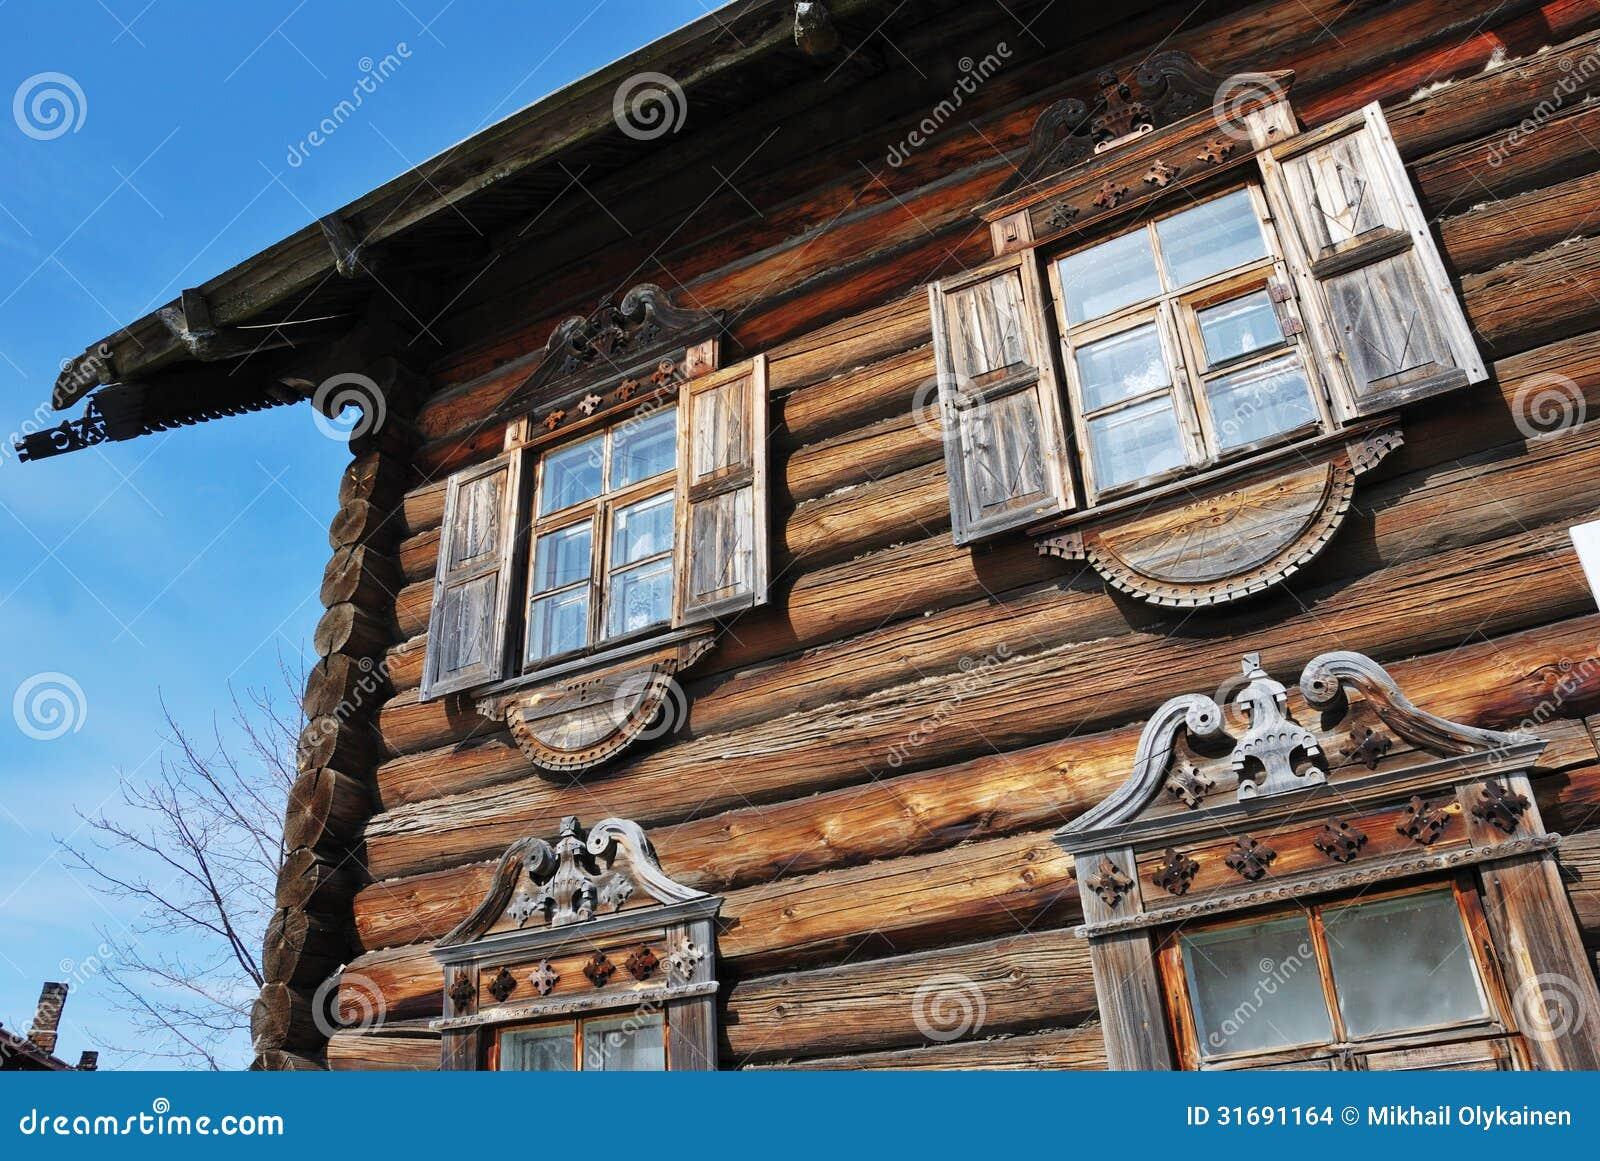 Fachada de la casa de madera rusa tradicional imagenes de for Fachada tradicional